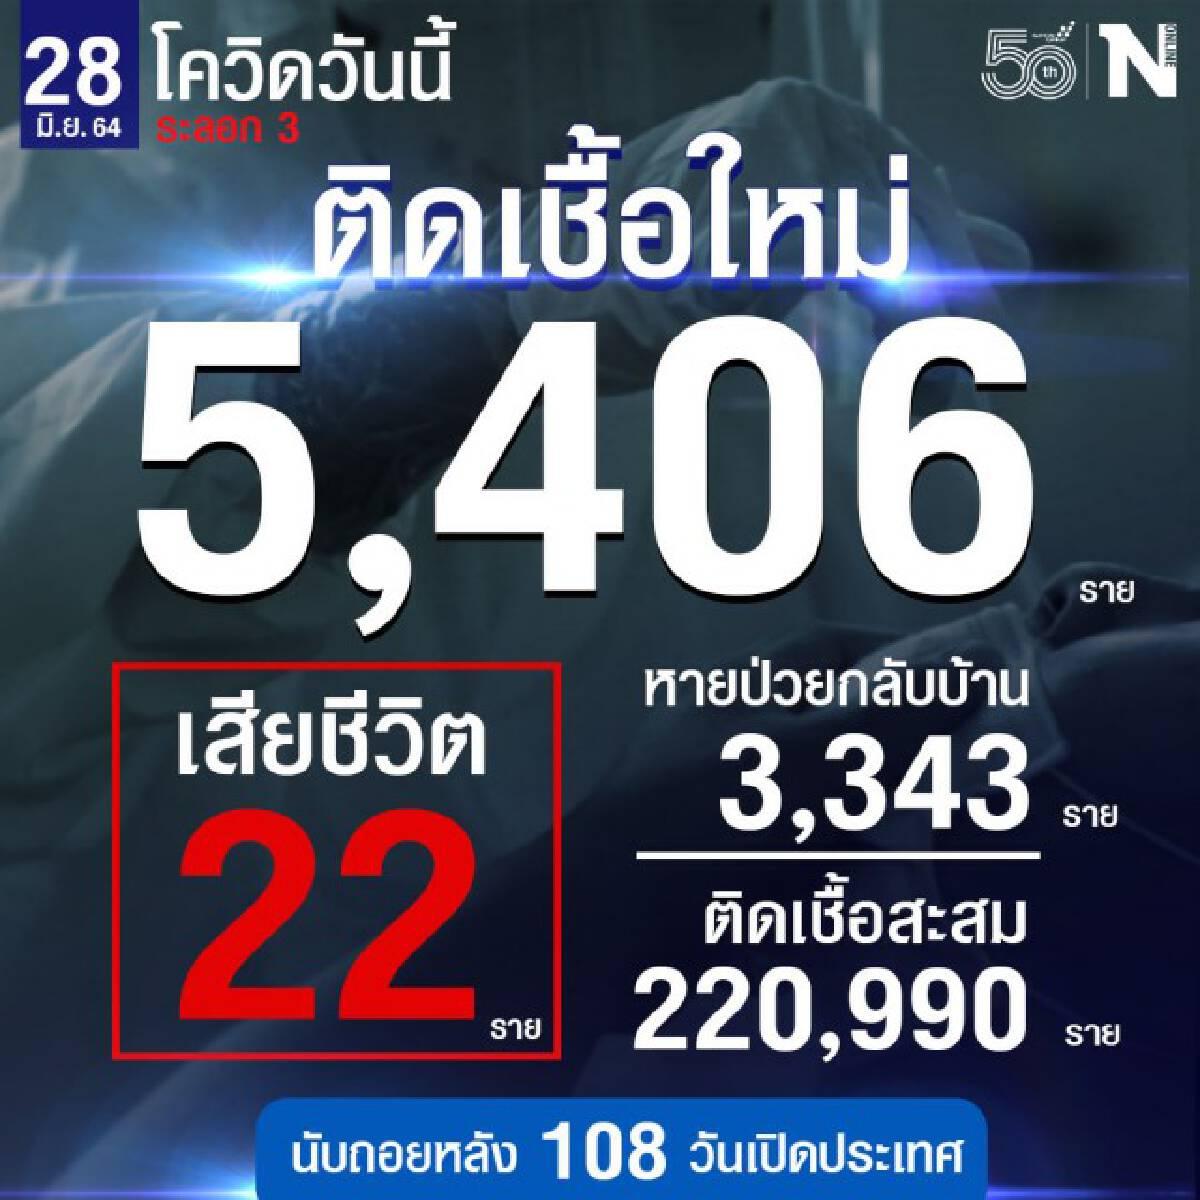 ศบค.เผย ผู้ติดเชื้อใหม่รวม 5,406 ราย หายป่วยกลับบ้าน 3,343 ราย เสียชีวิต 22 ราย